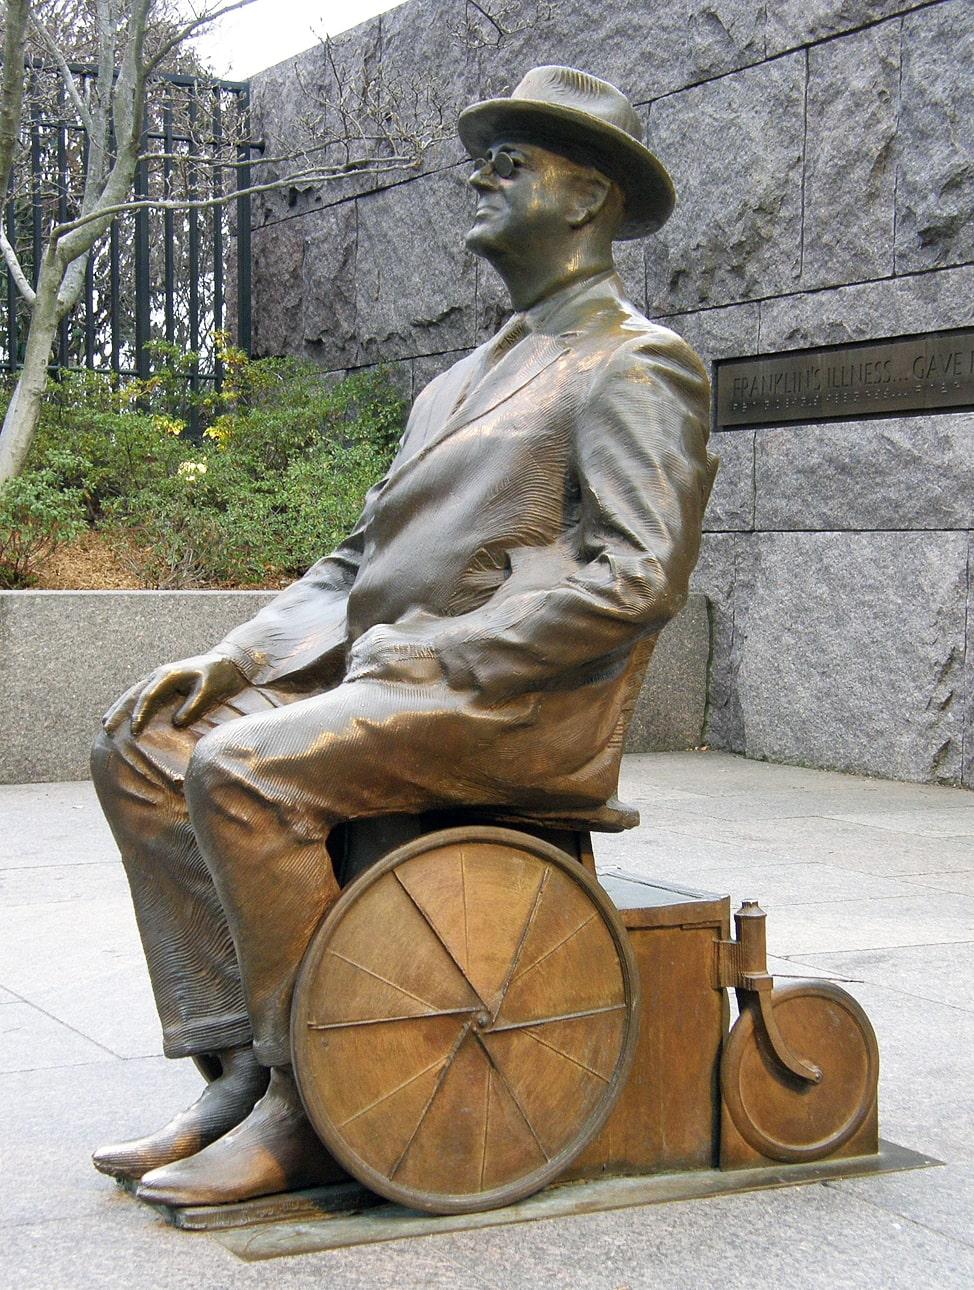 Statuya-Franklina-Ruzvelta-v-invalidnoy-kolyaske